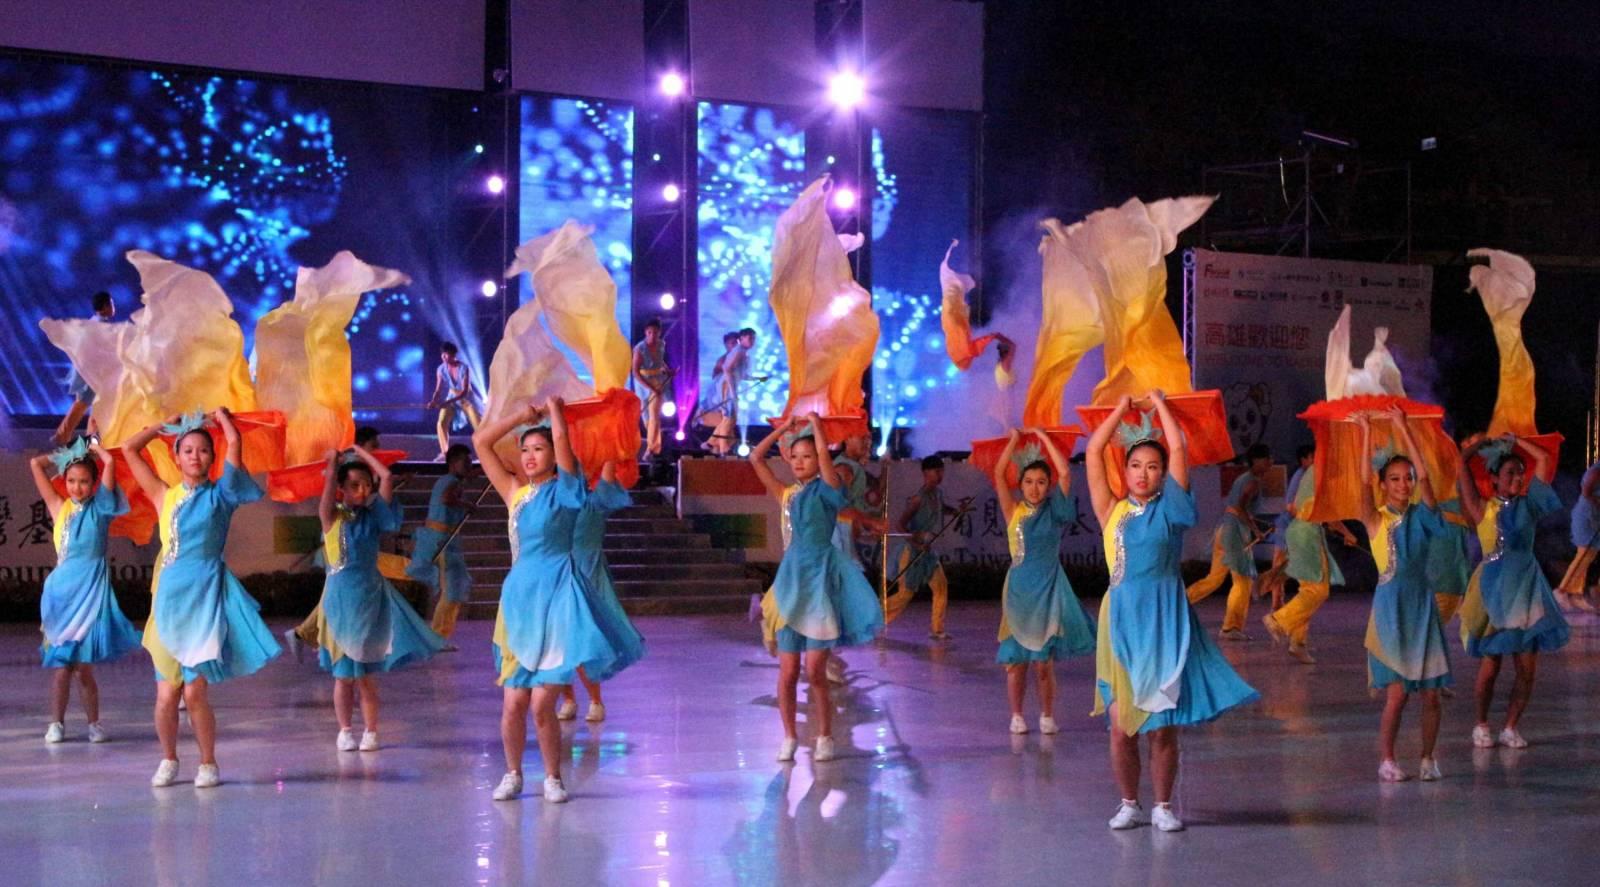 104全國運動會開幕總彩排 精彩震撼表演藝術與視覺饗宴